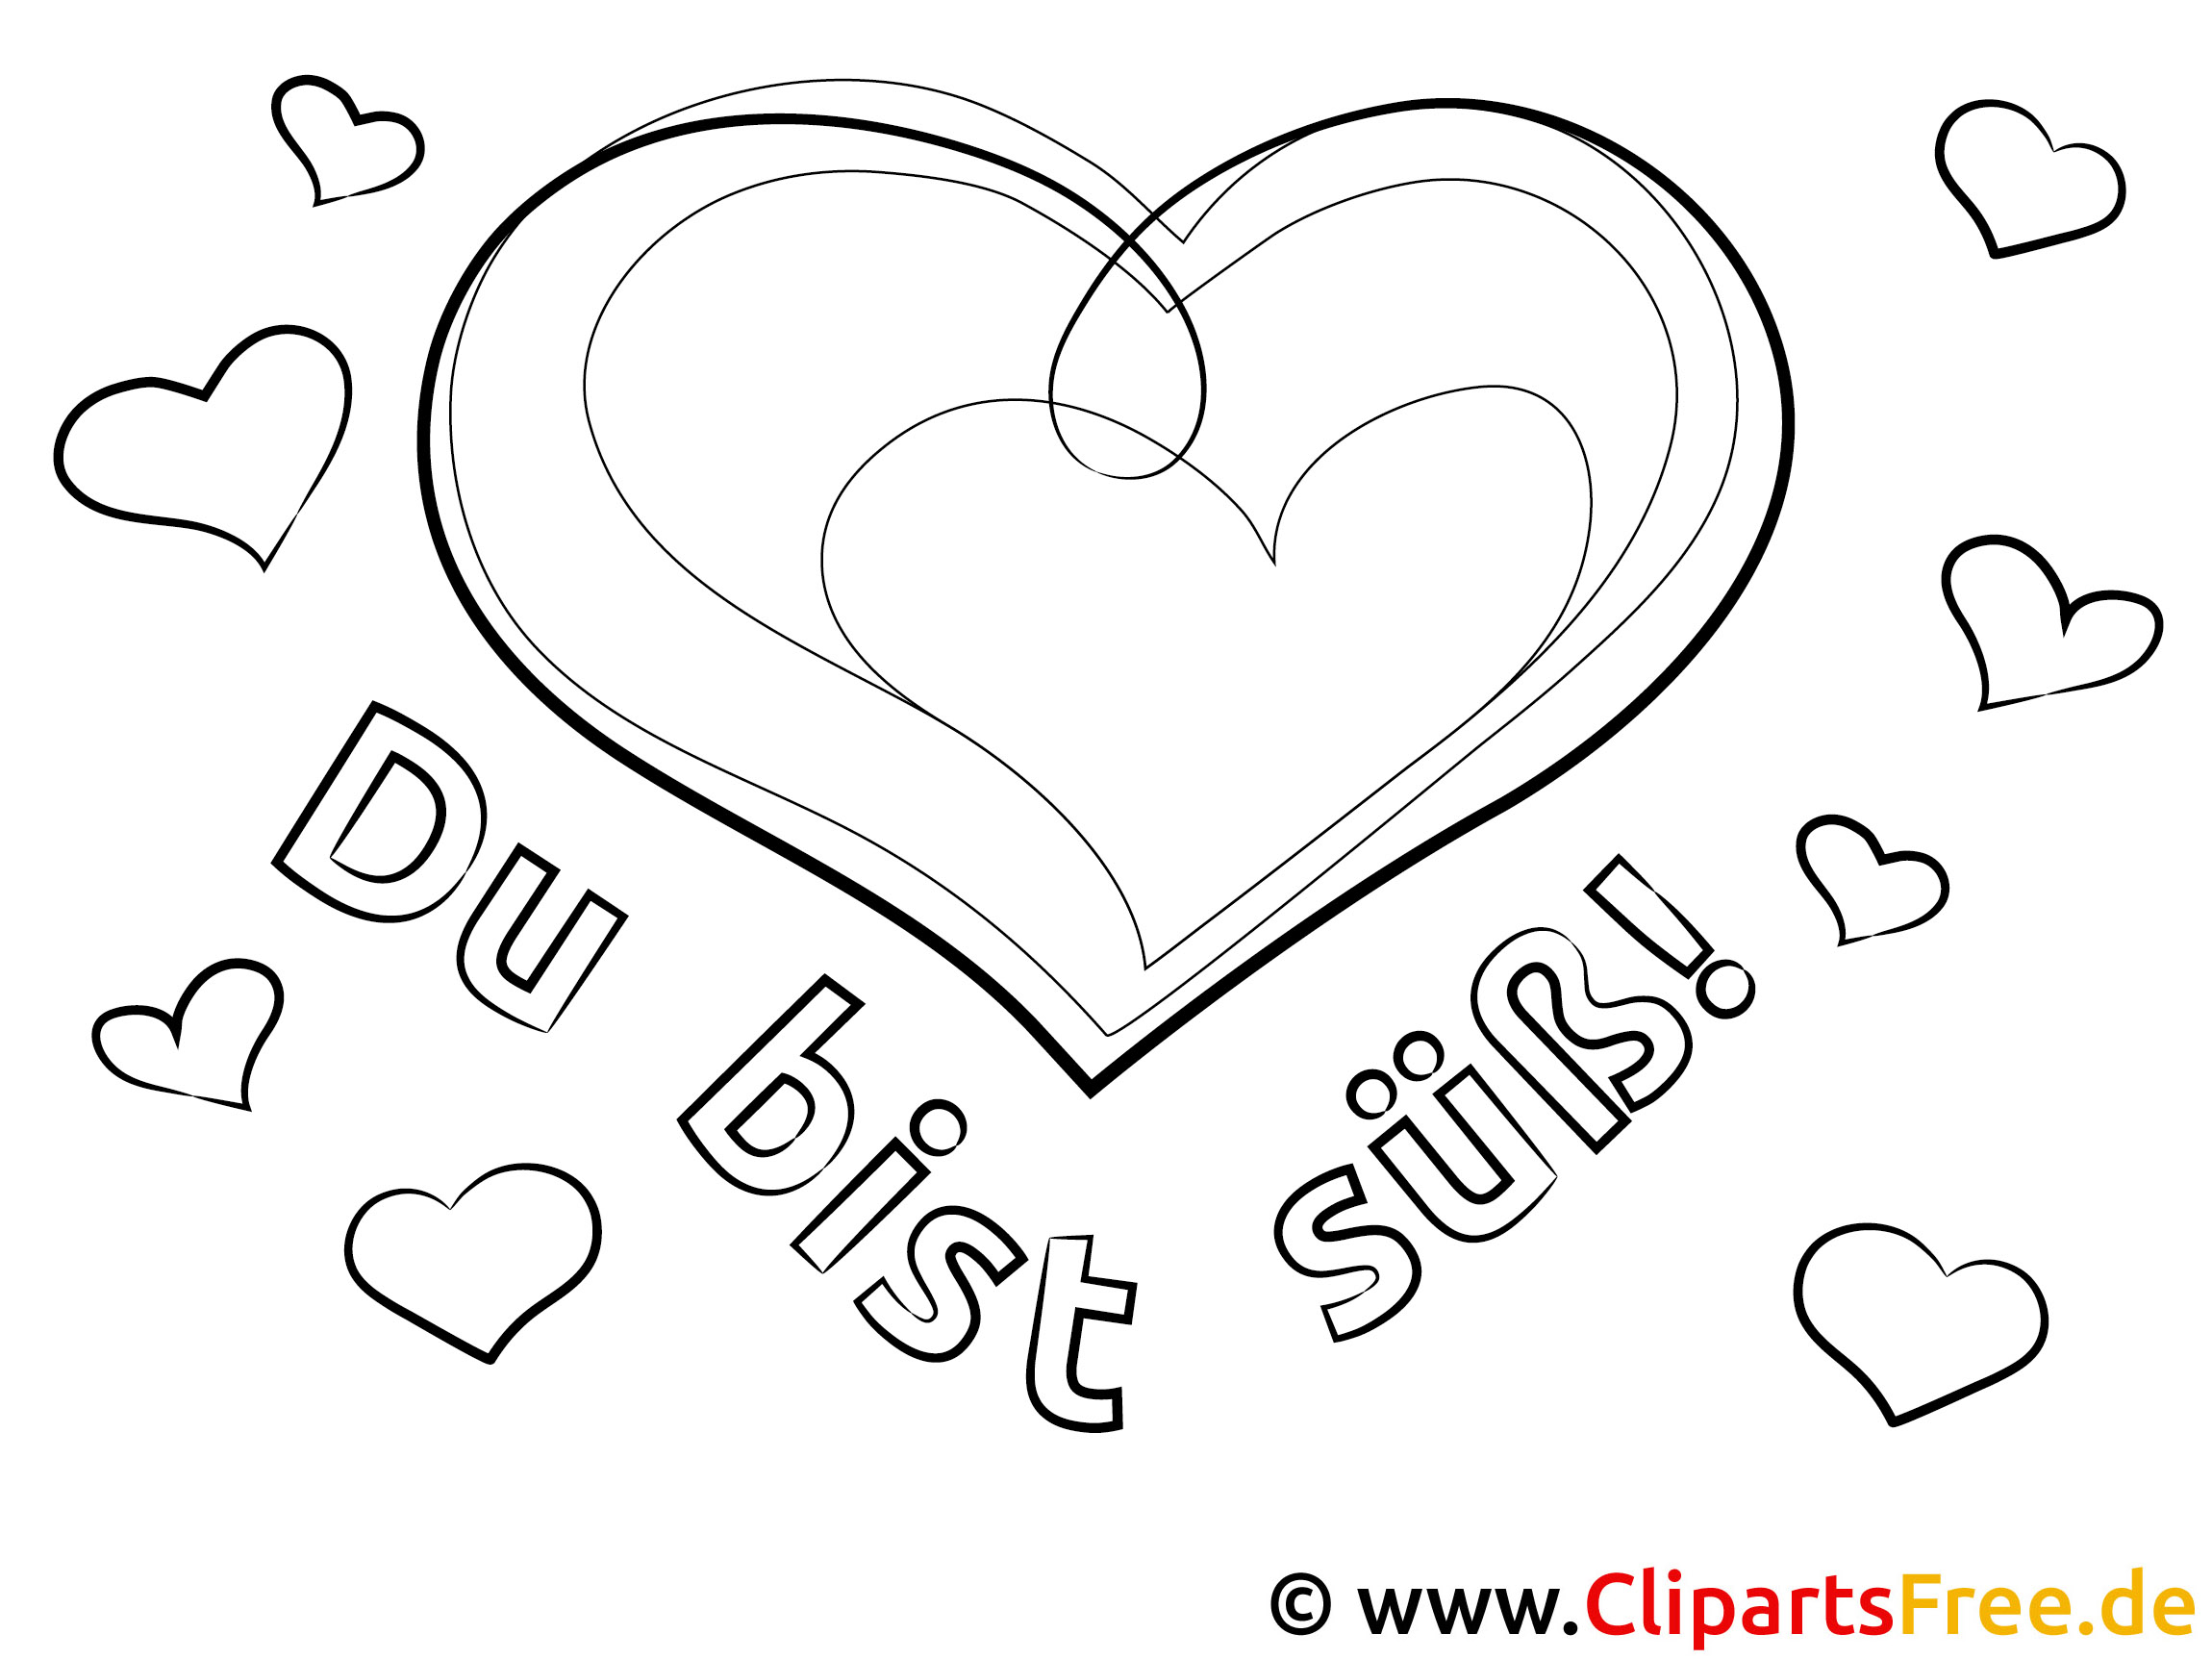 Herz Bild-Malvorlage zum Ausmalen